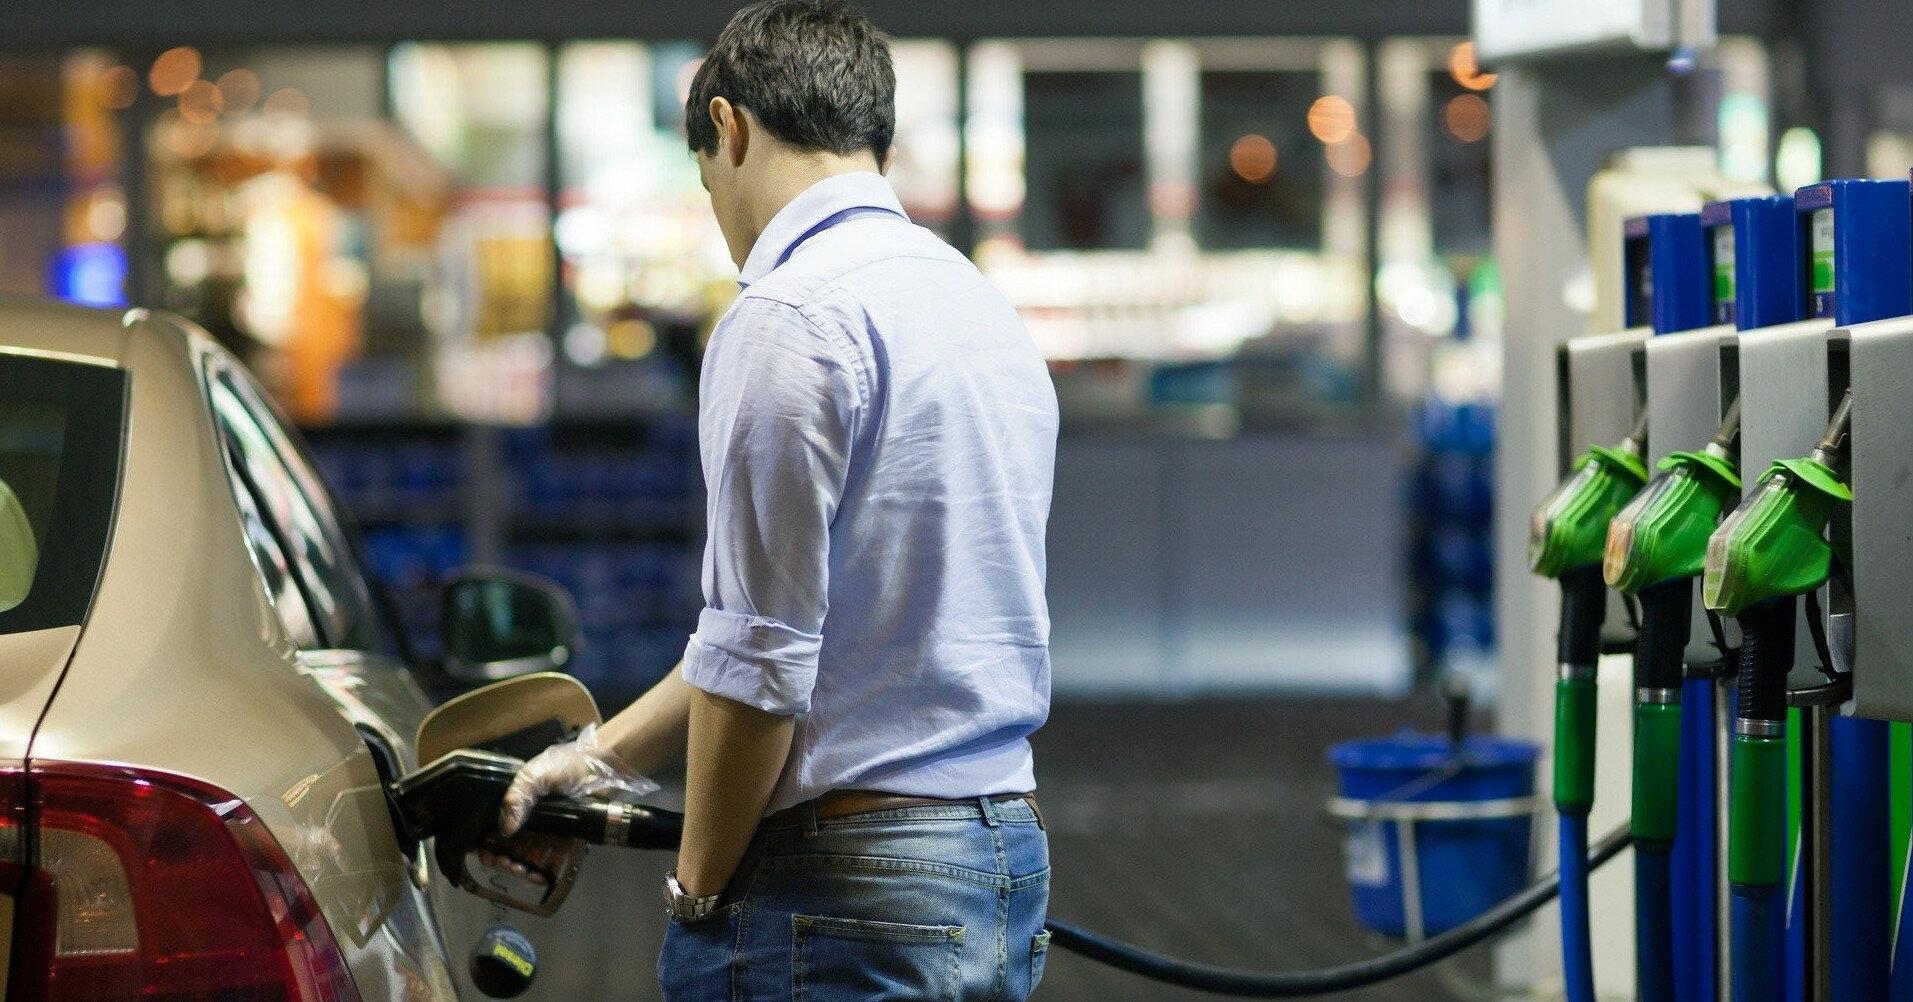 Цены на бензин и дизельное топливо прекратили рост